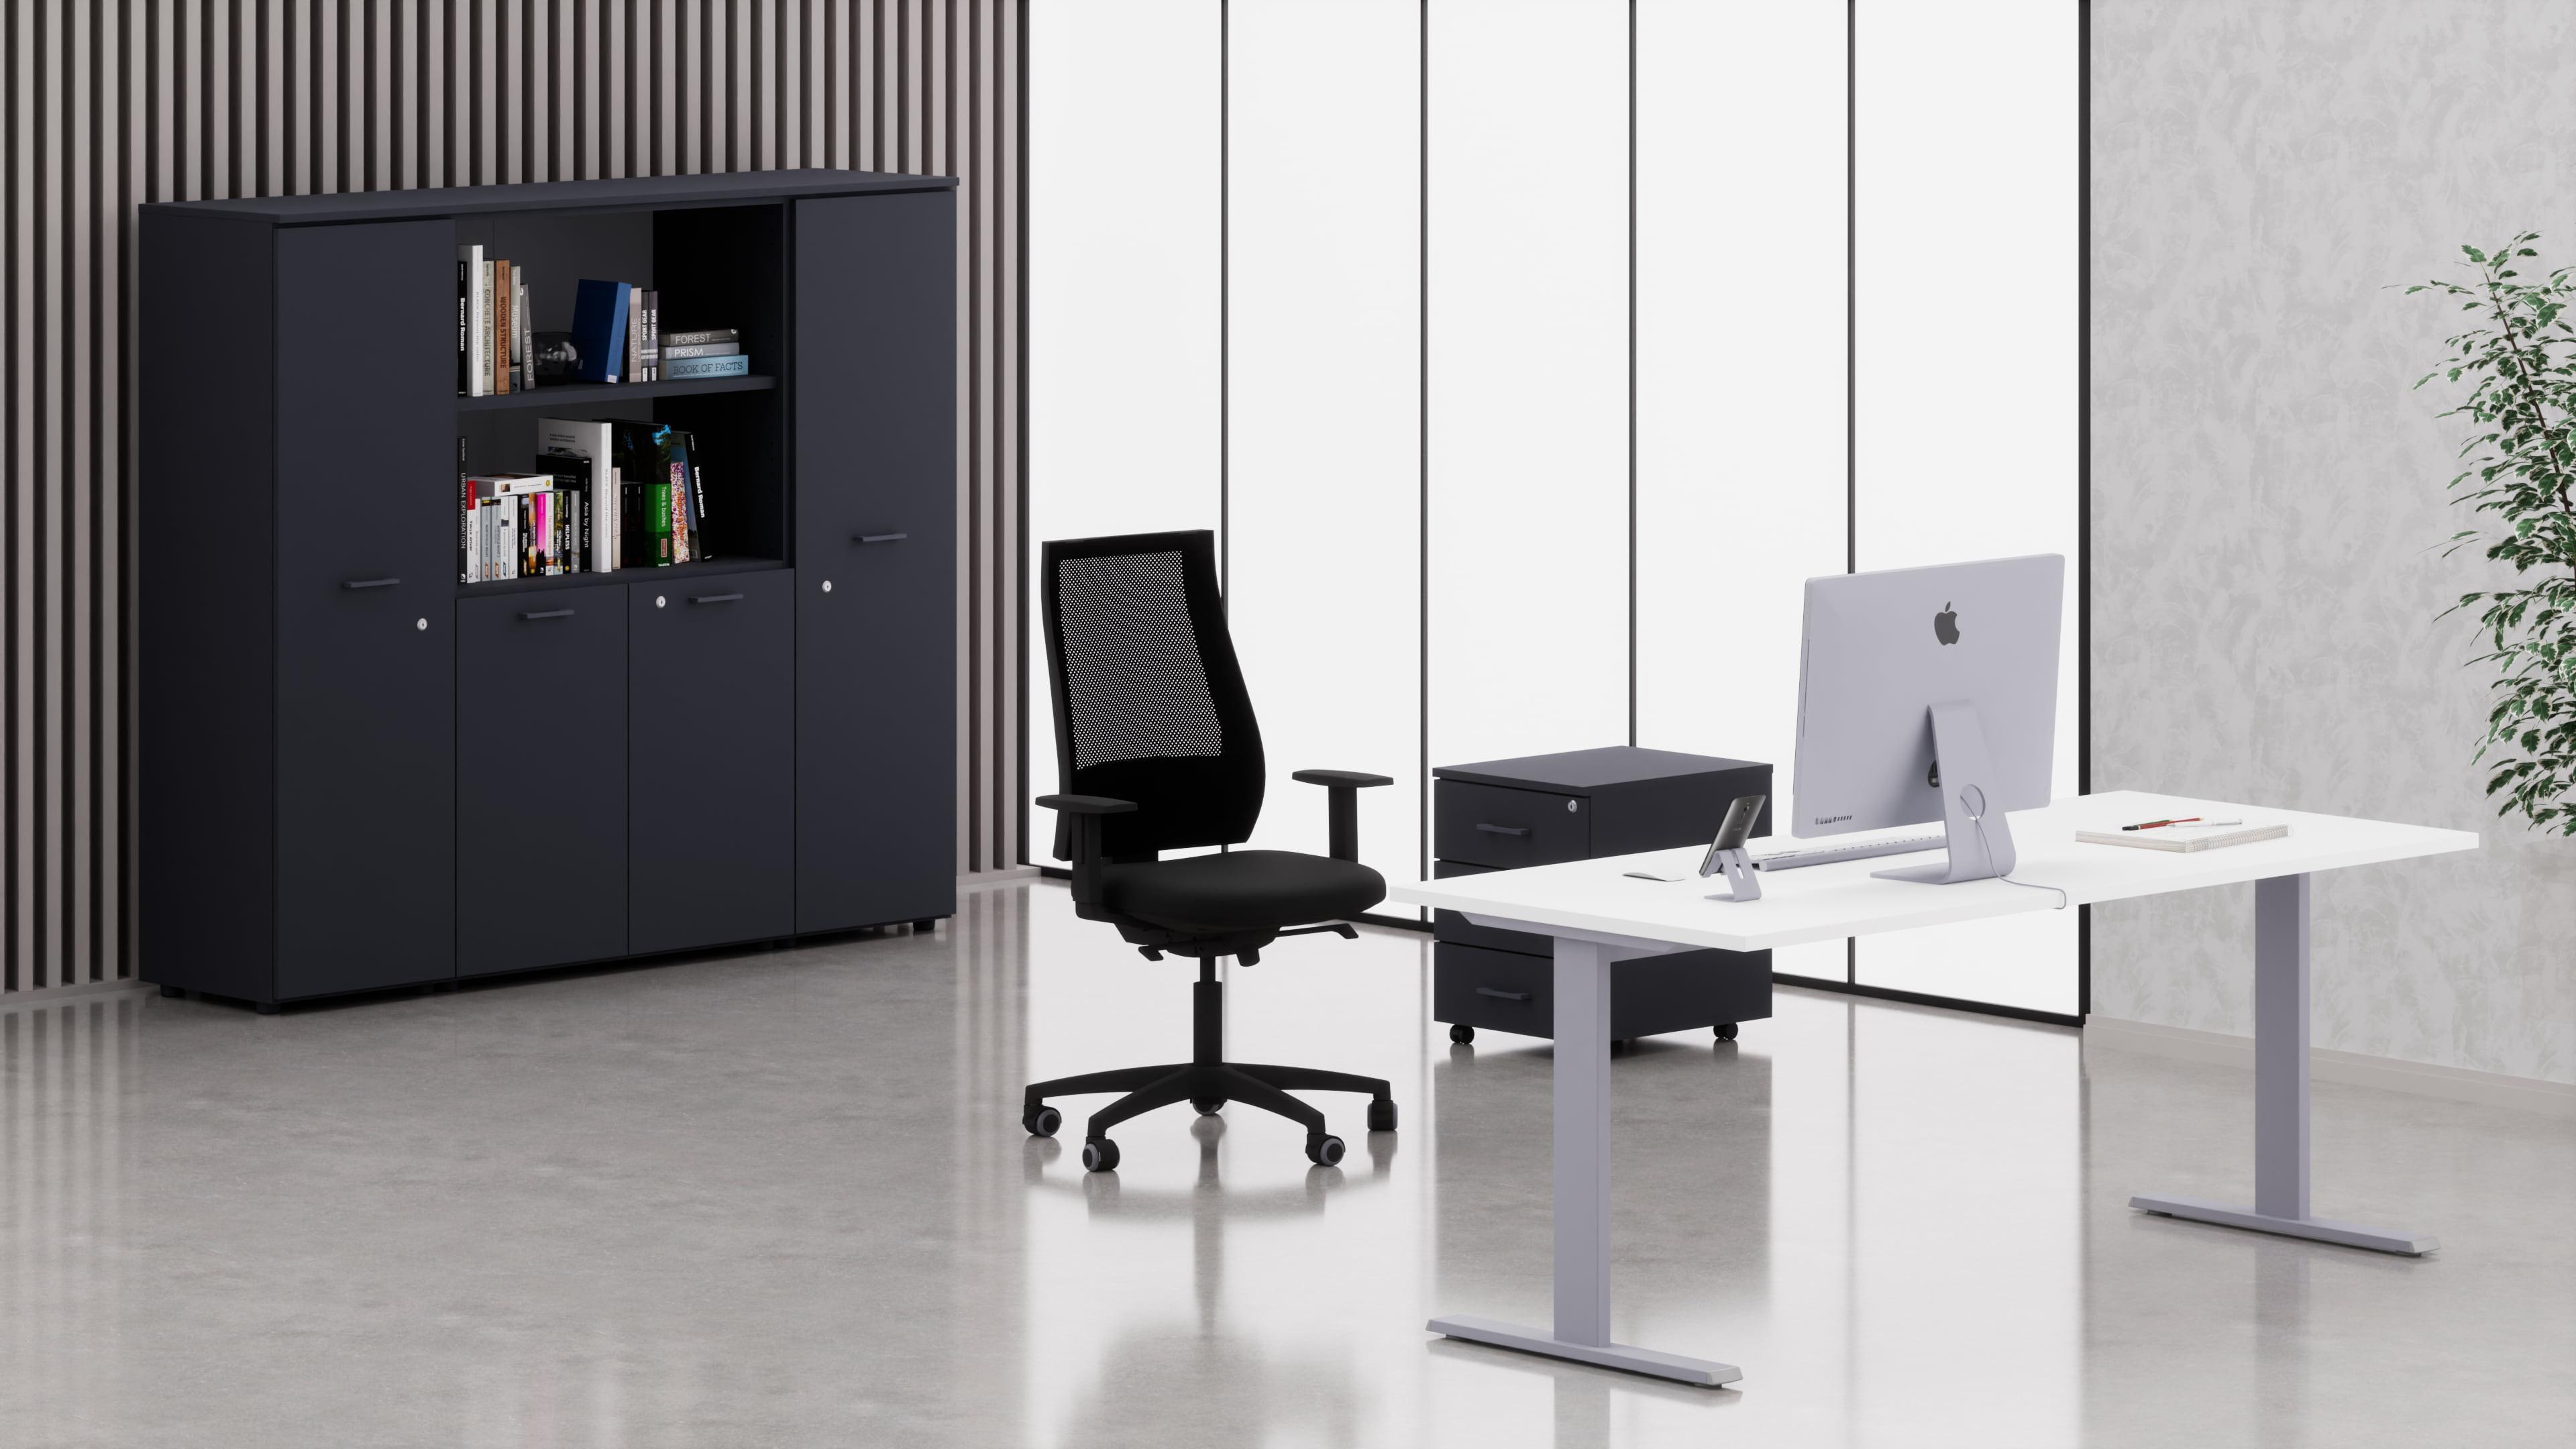 Uffici operativi NET metallica scrivania, cassettiera e contenitori universali medi